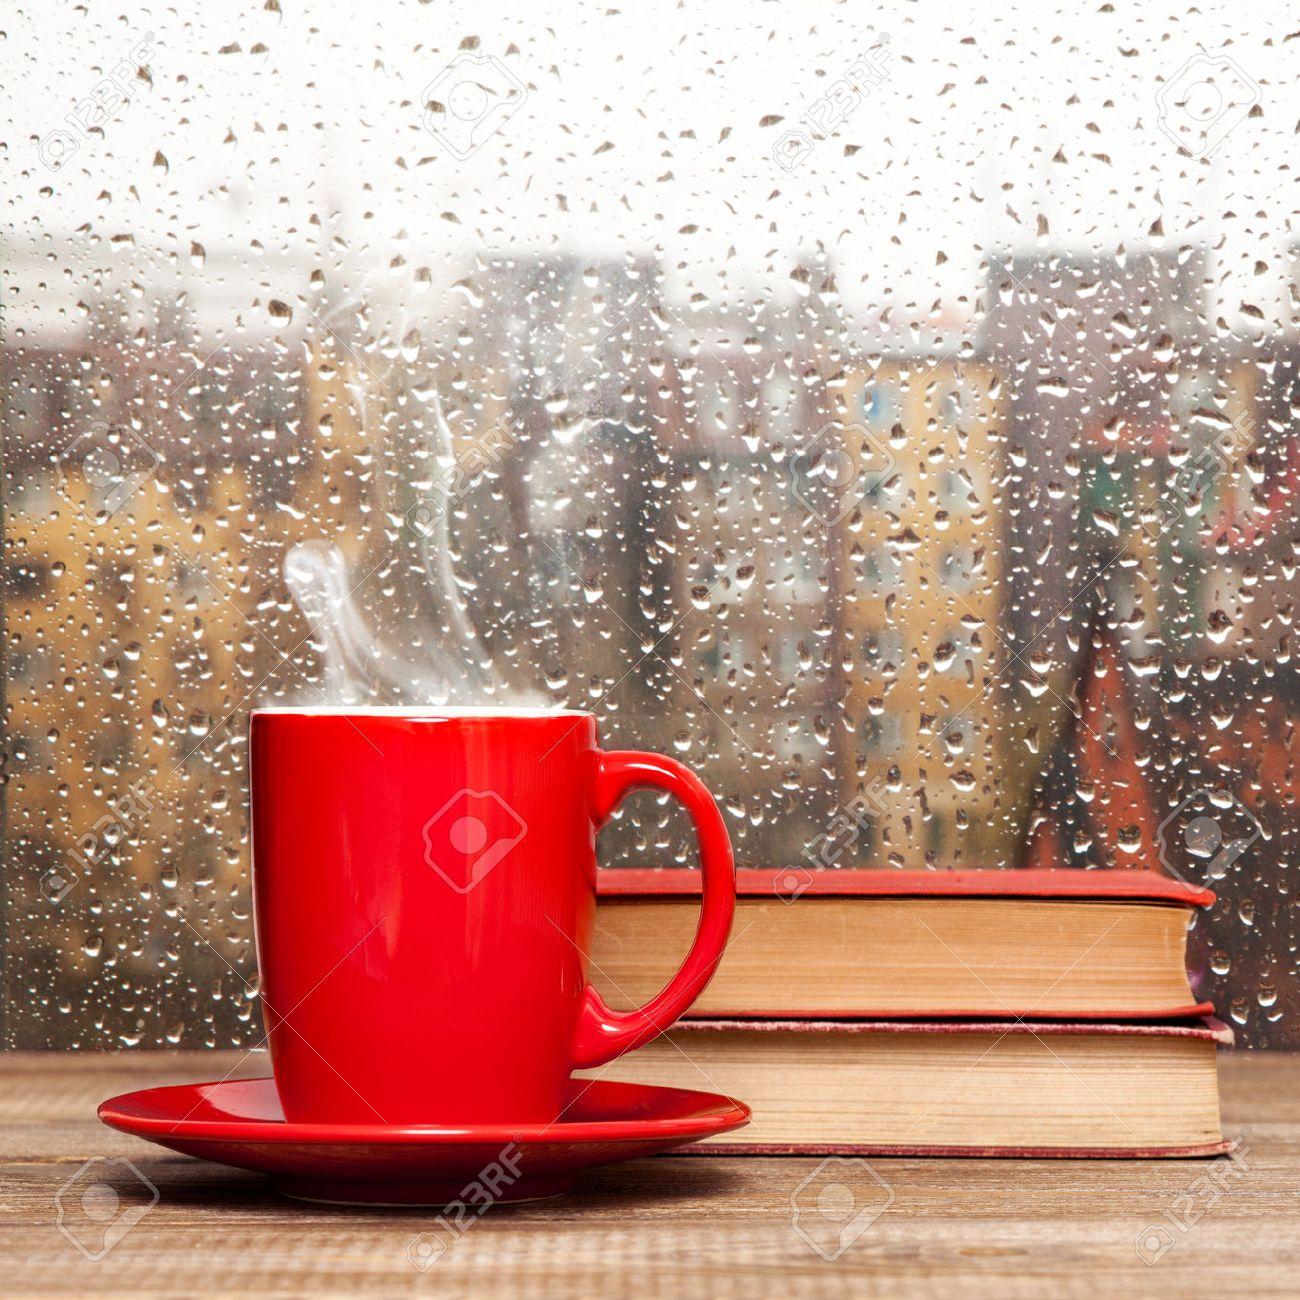 Bienvenidos al nuevo foro de apoyo a Noe #315 / 04.04.16 ~ 10.04.16 - Página 40 29283709-Cocer-al-vapor-la-taza-de-caf-en-una-ventana-de-fondo-d-a-de-lluvia-Foto-de-archivo